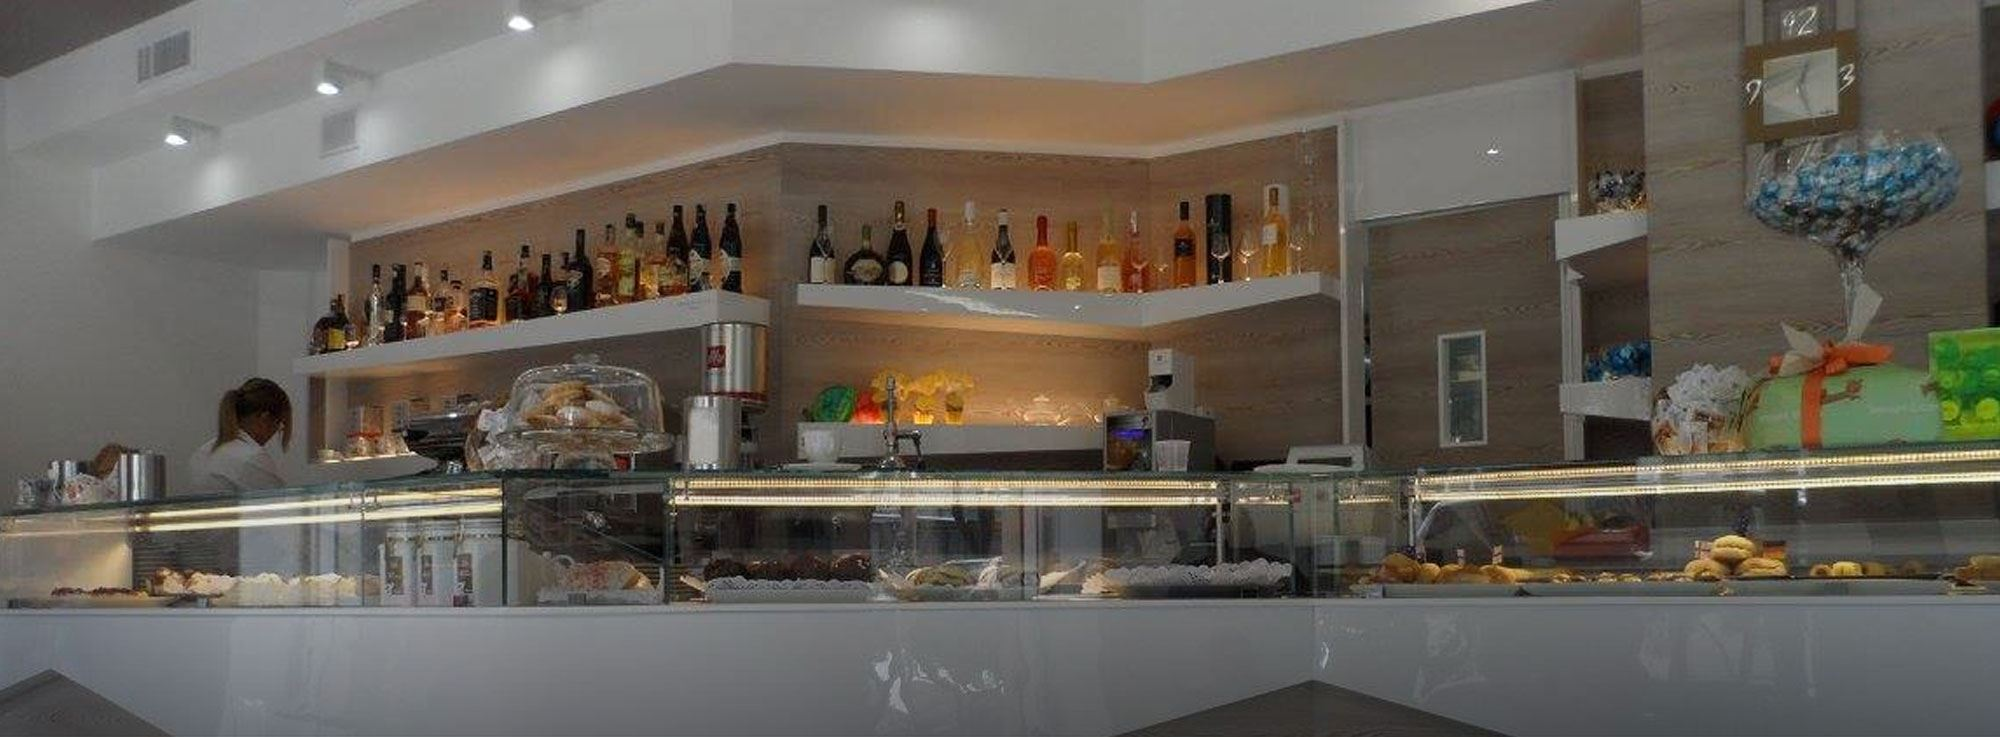 Great loffredo arredamenti barletta with arredamenti for Lo cascio arredamenti